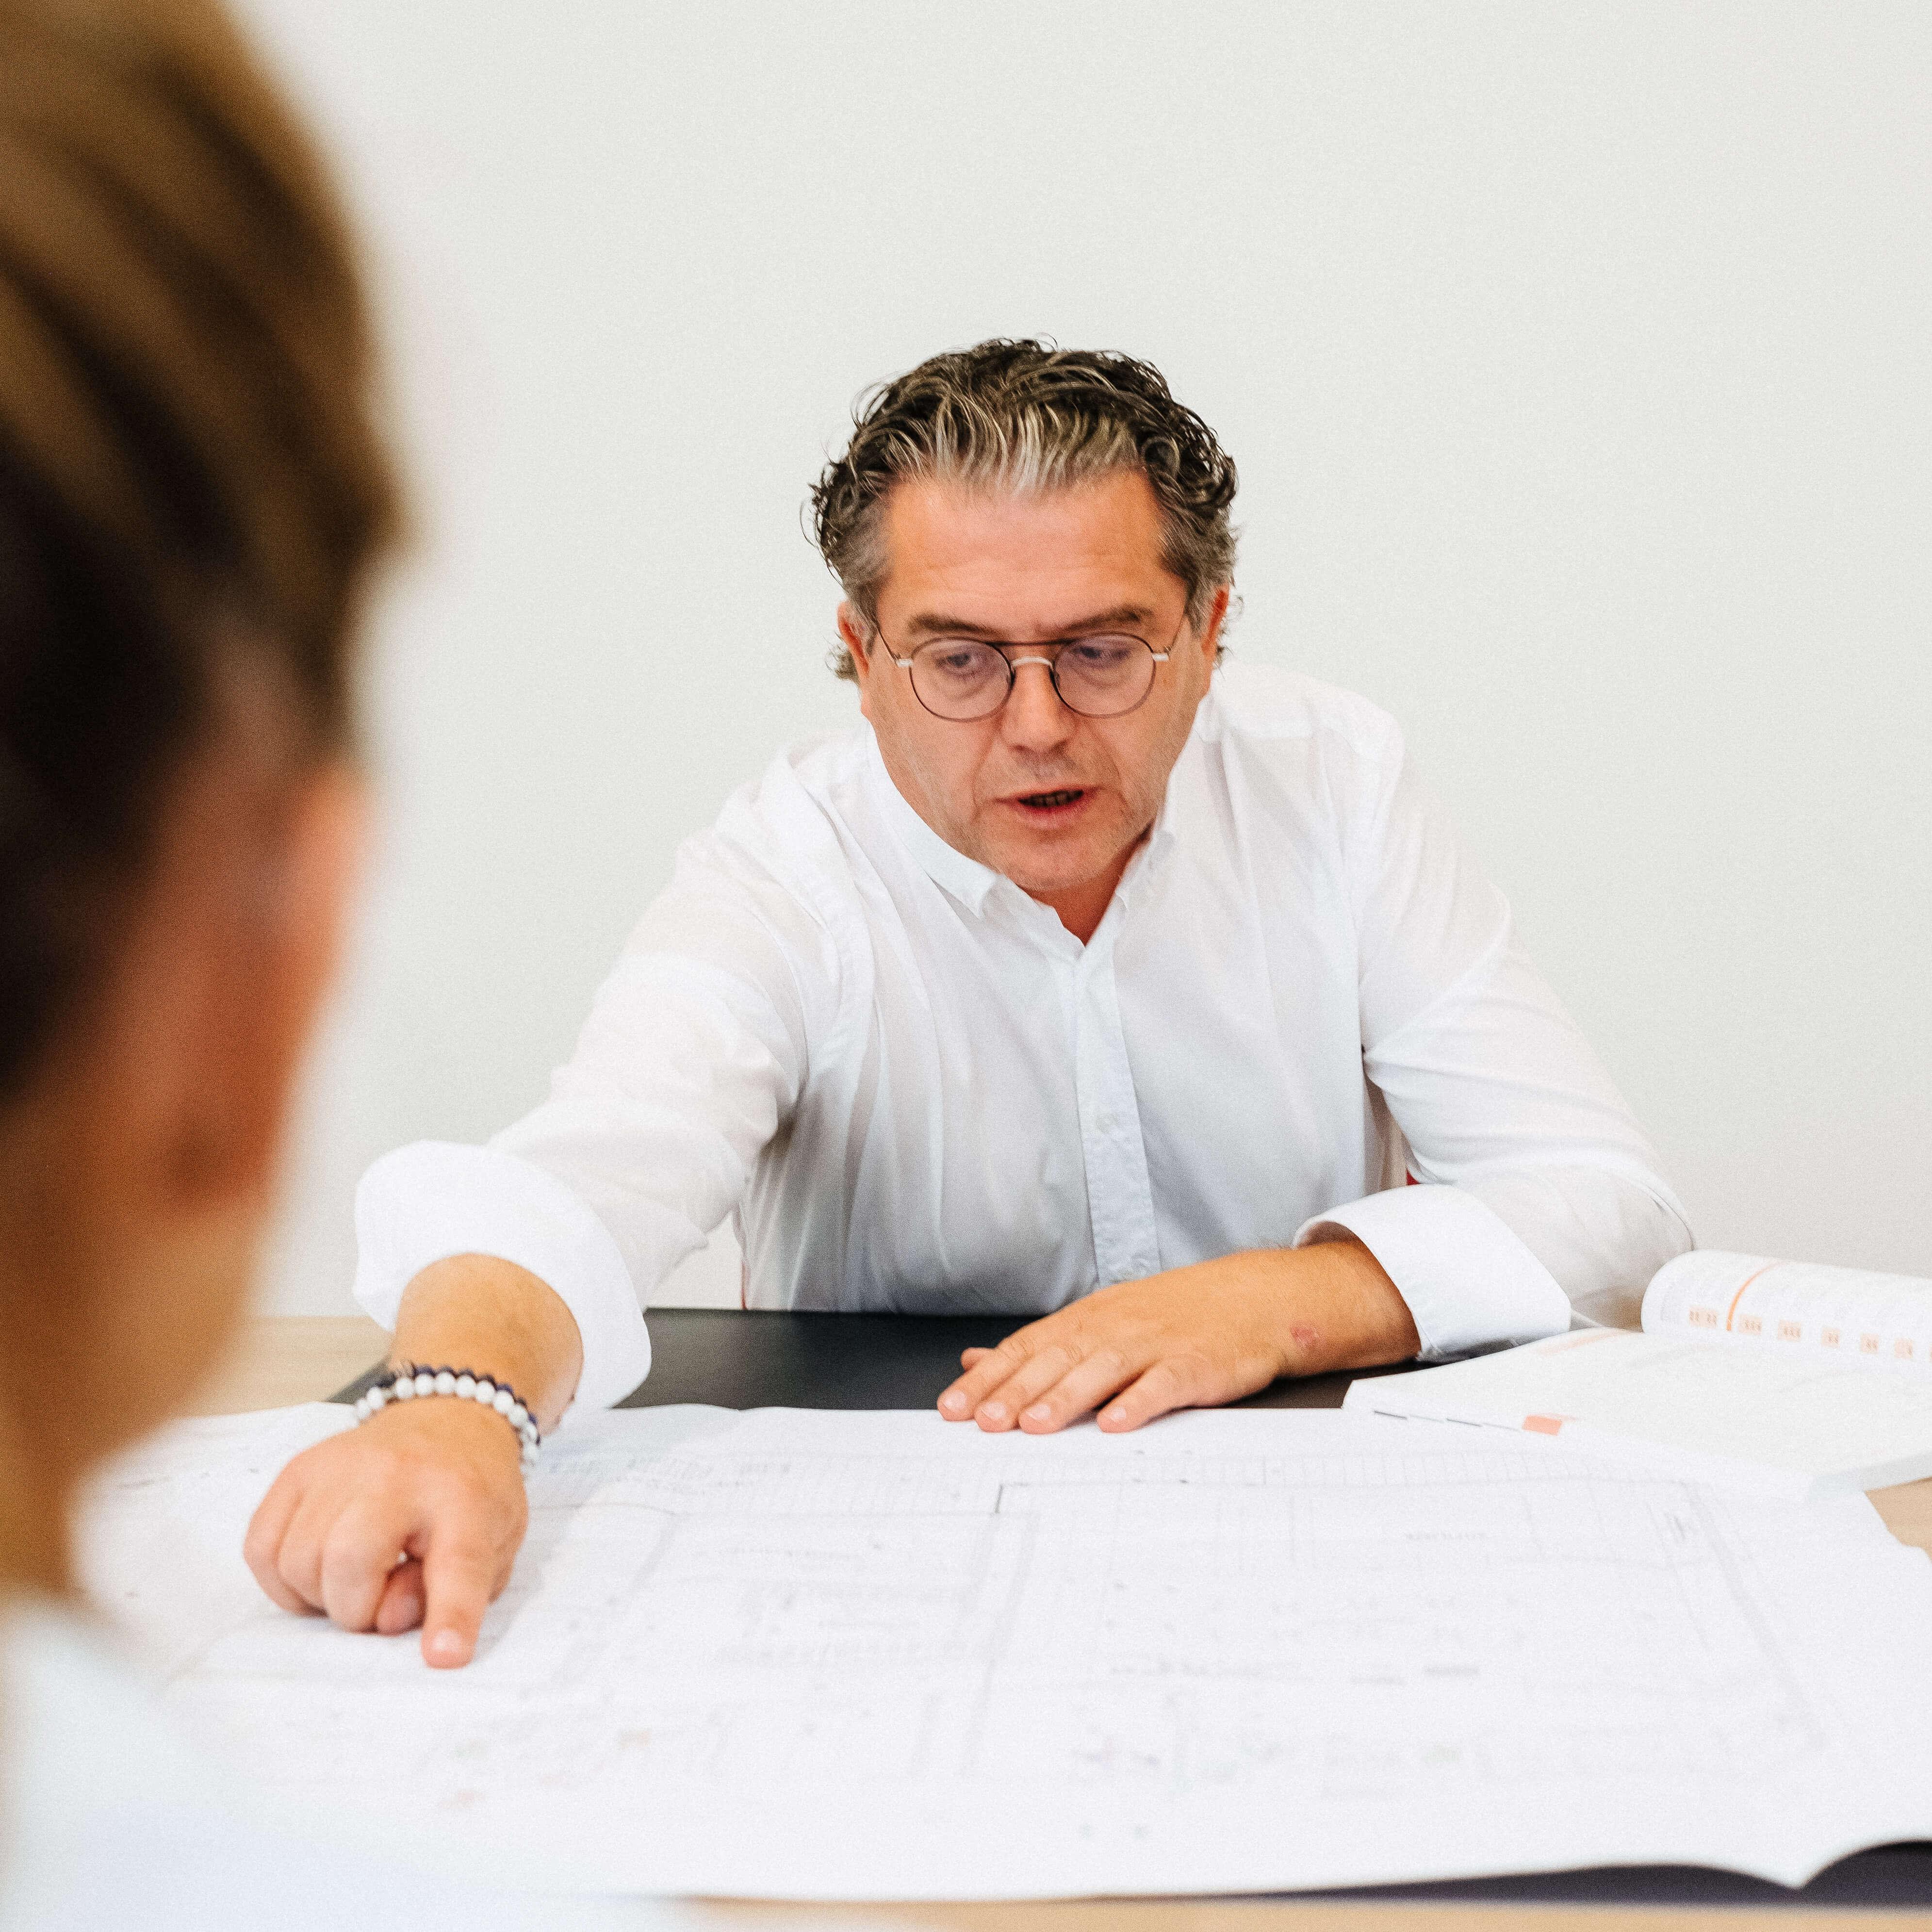 Peter Van Severen bespreekt plannen met klant.